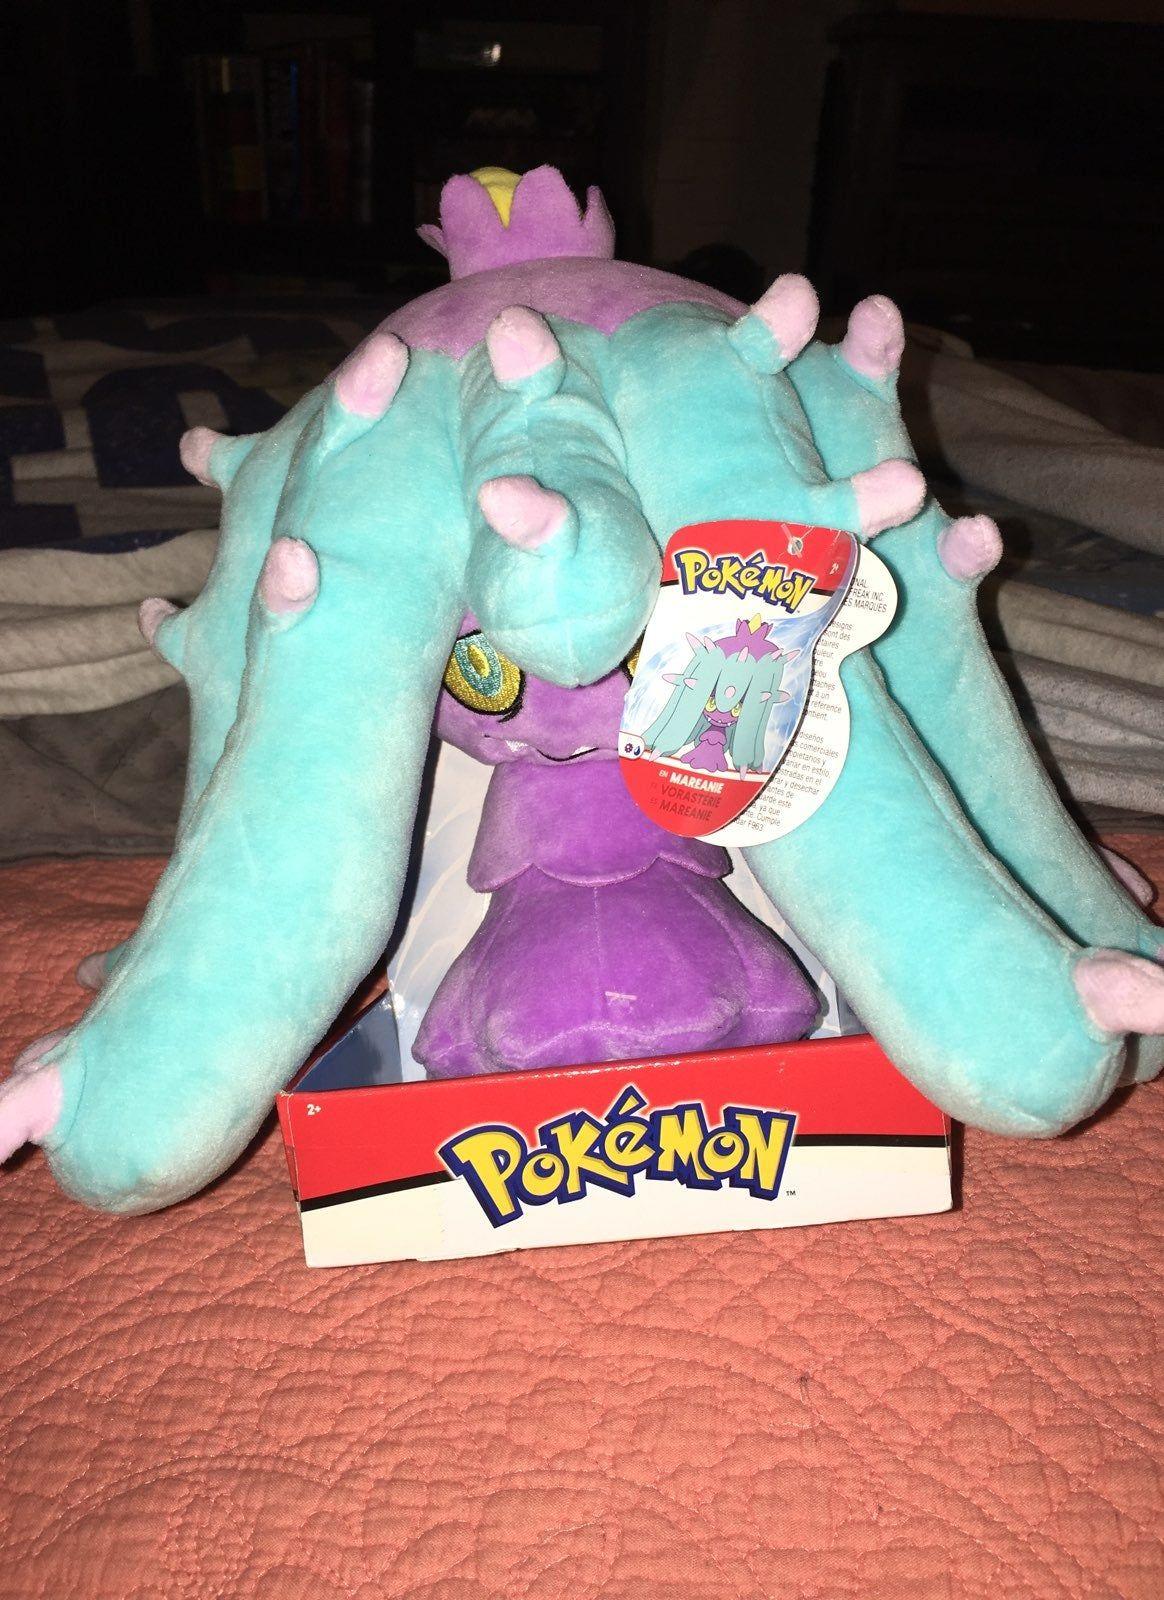 Pokémon Mareanie plush 10 inch brand new Pokemon stuffed